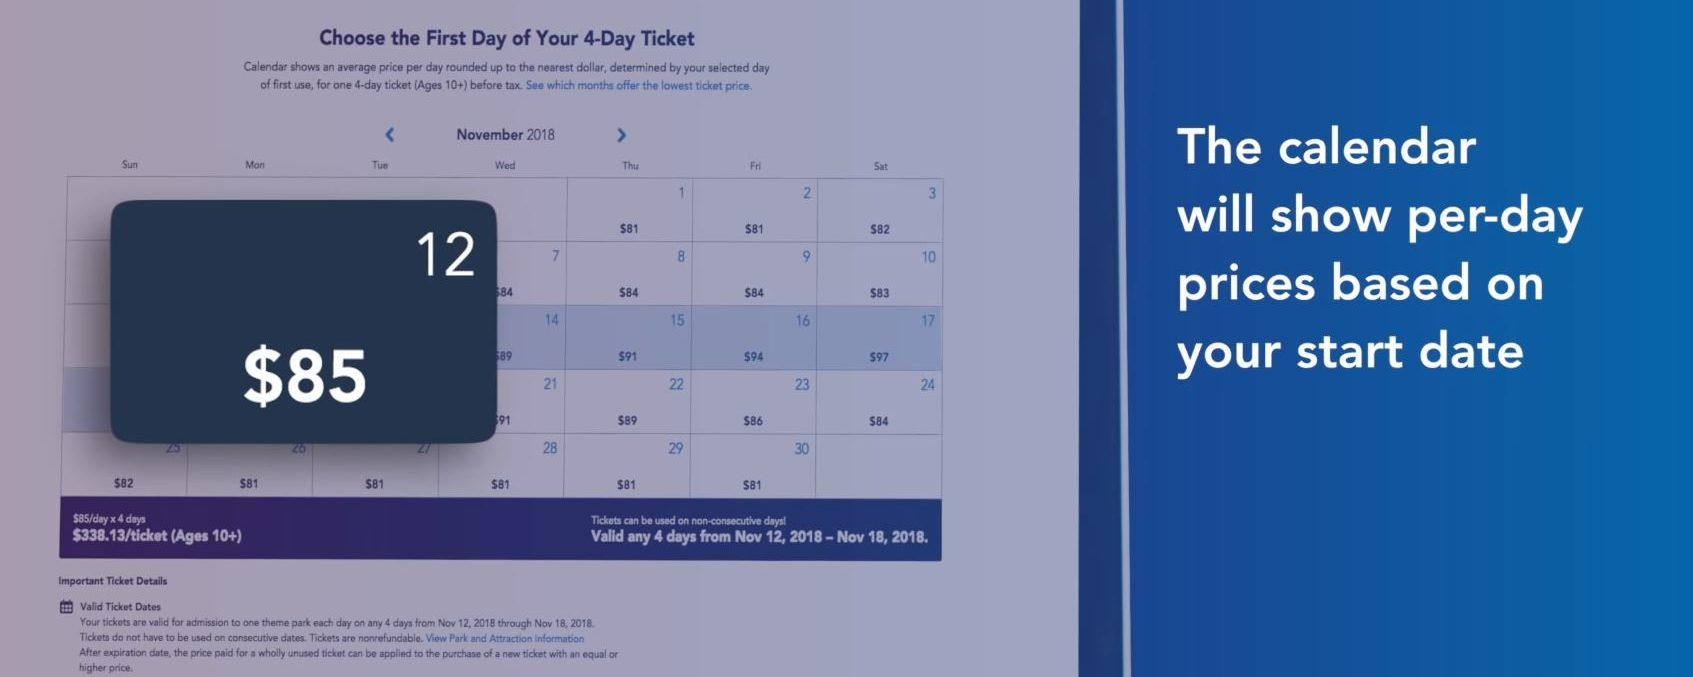 Novo sistema de preços de ingressos da Disney passa a vigorar a partir de 16 de outubro de 2018